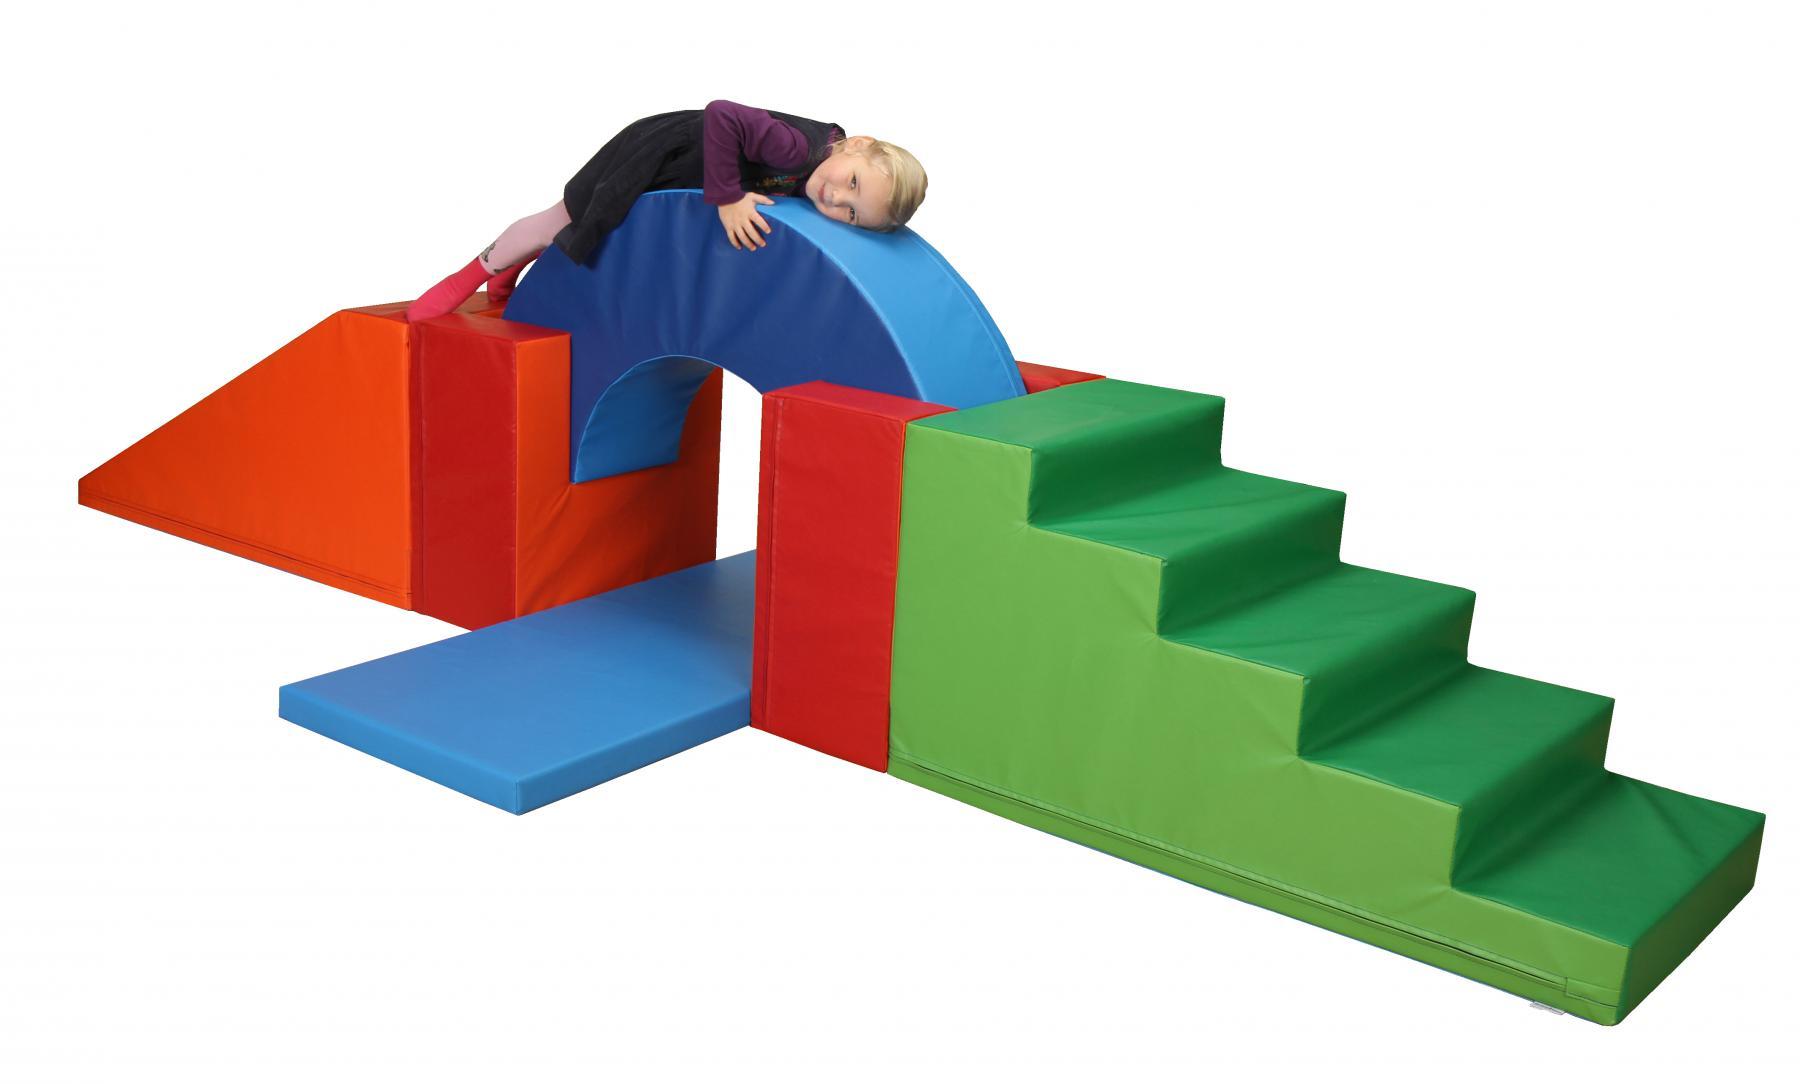 b nfer softbausteine baumodul 6 tlg bausteine bausteinsatz maxi schaumstoff kaufen bei euro. Black Bedroom Furniture Sets. Home Design Ideas